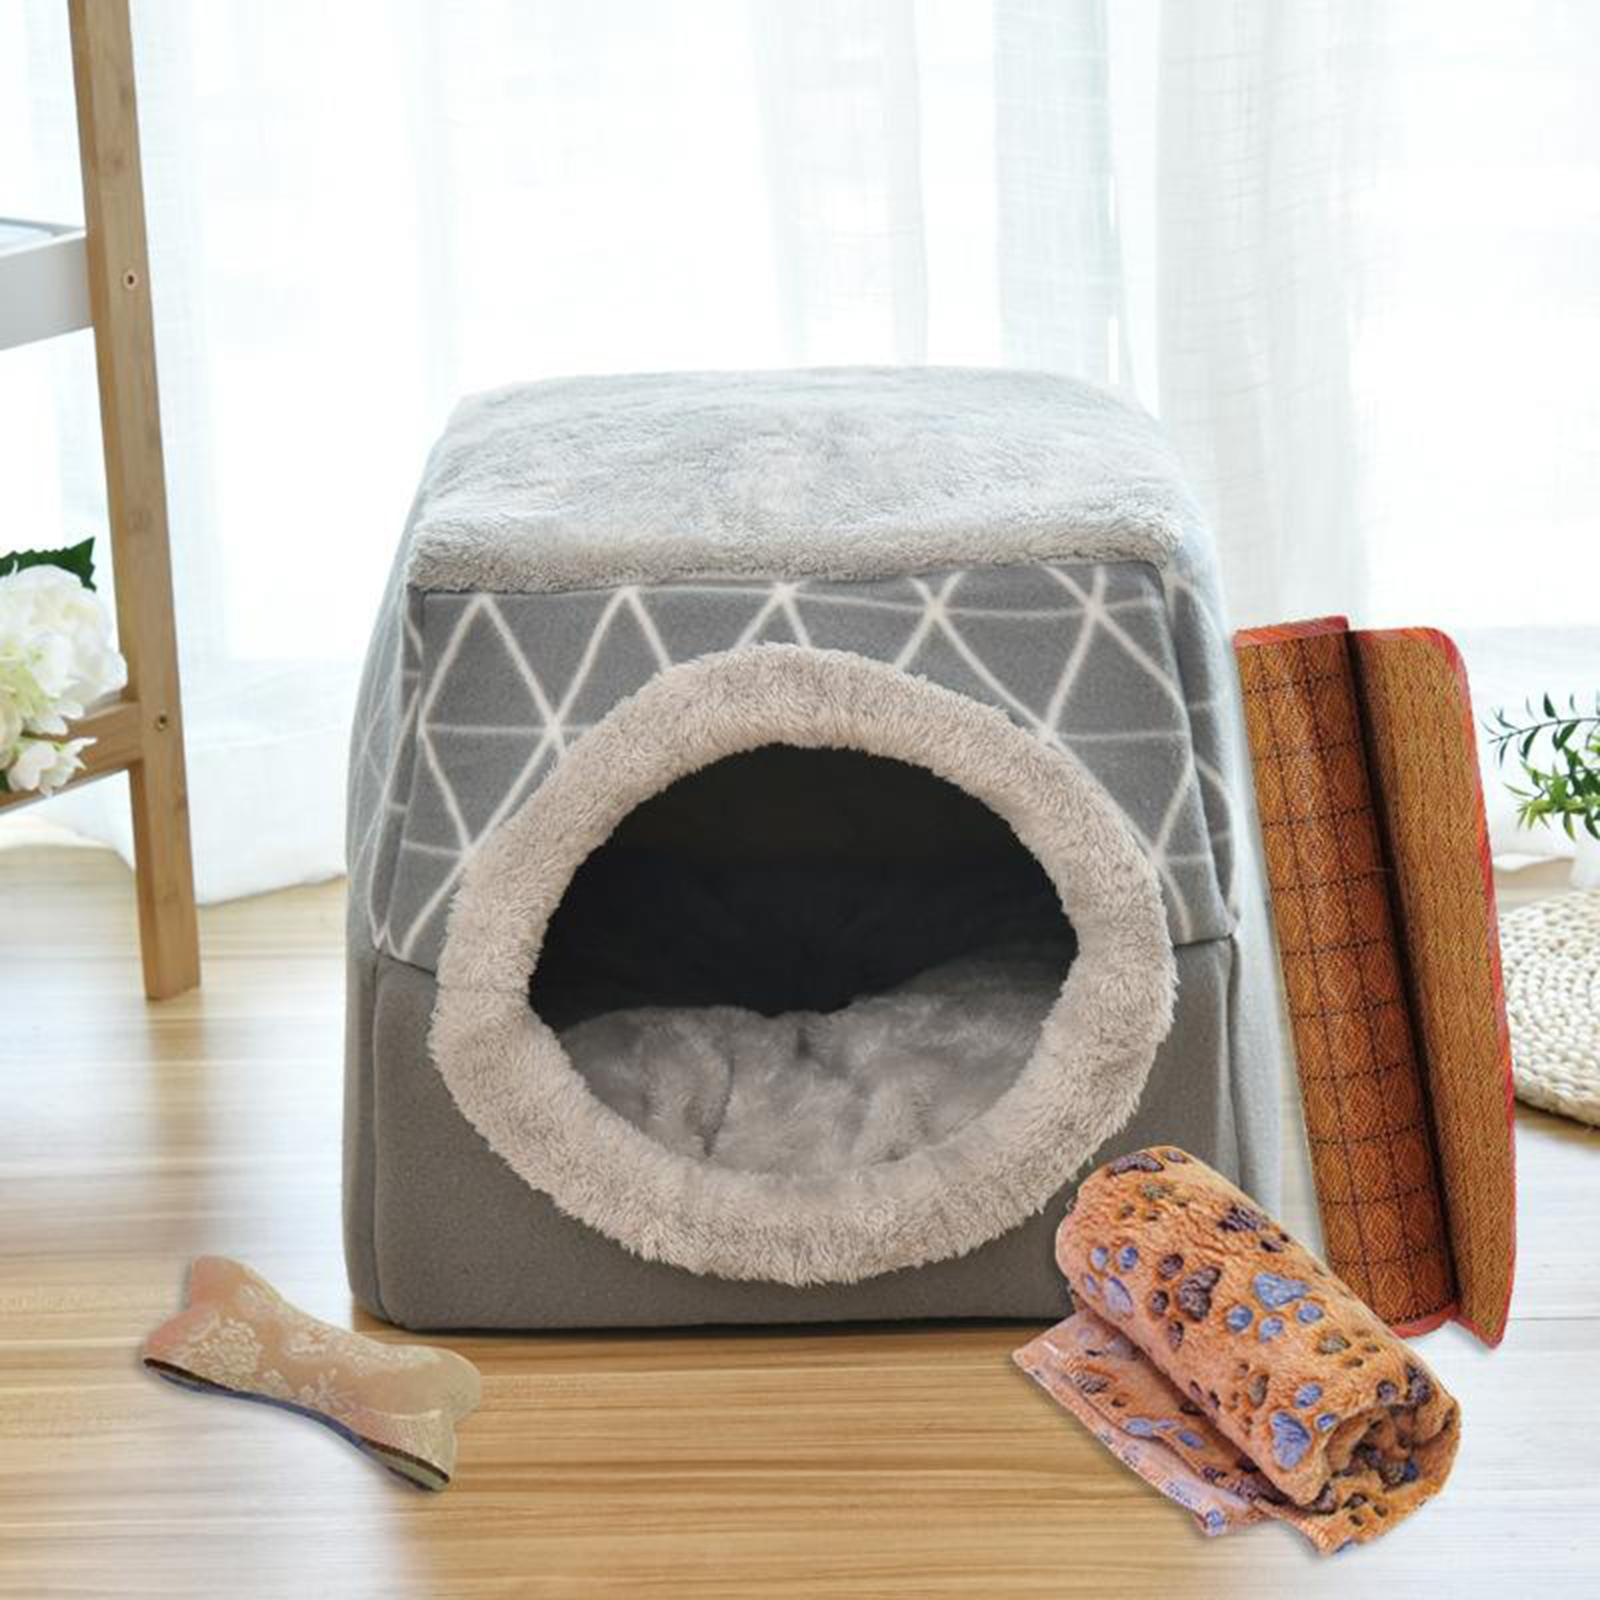 Indexbild 7 - 2-in-1-Weichen-Katzen-Haus-Schlafen-Bett-Zwinger-Puppy-Cave-Warme-Nest-Matte